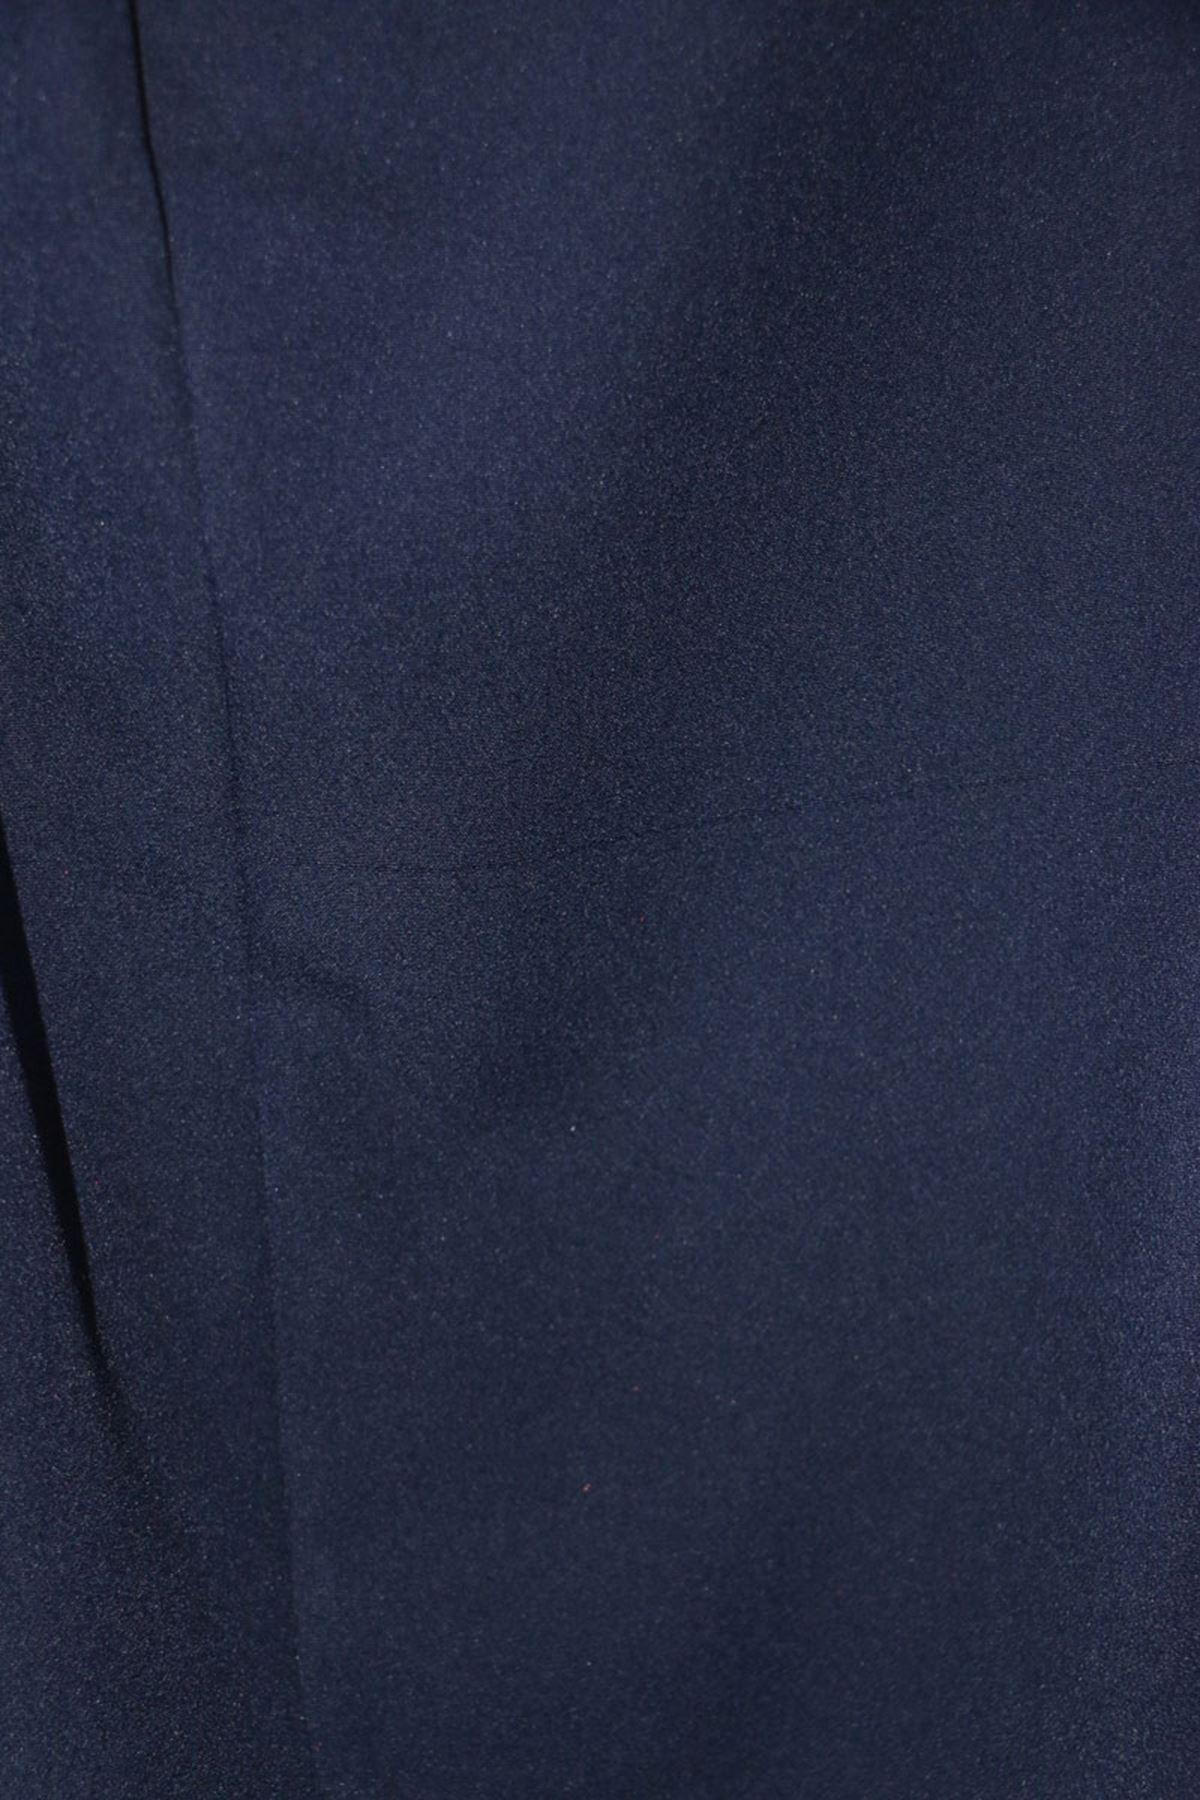 9025 بنطلون مرن الخصر و مقاس كبير - أزرق كحلي